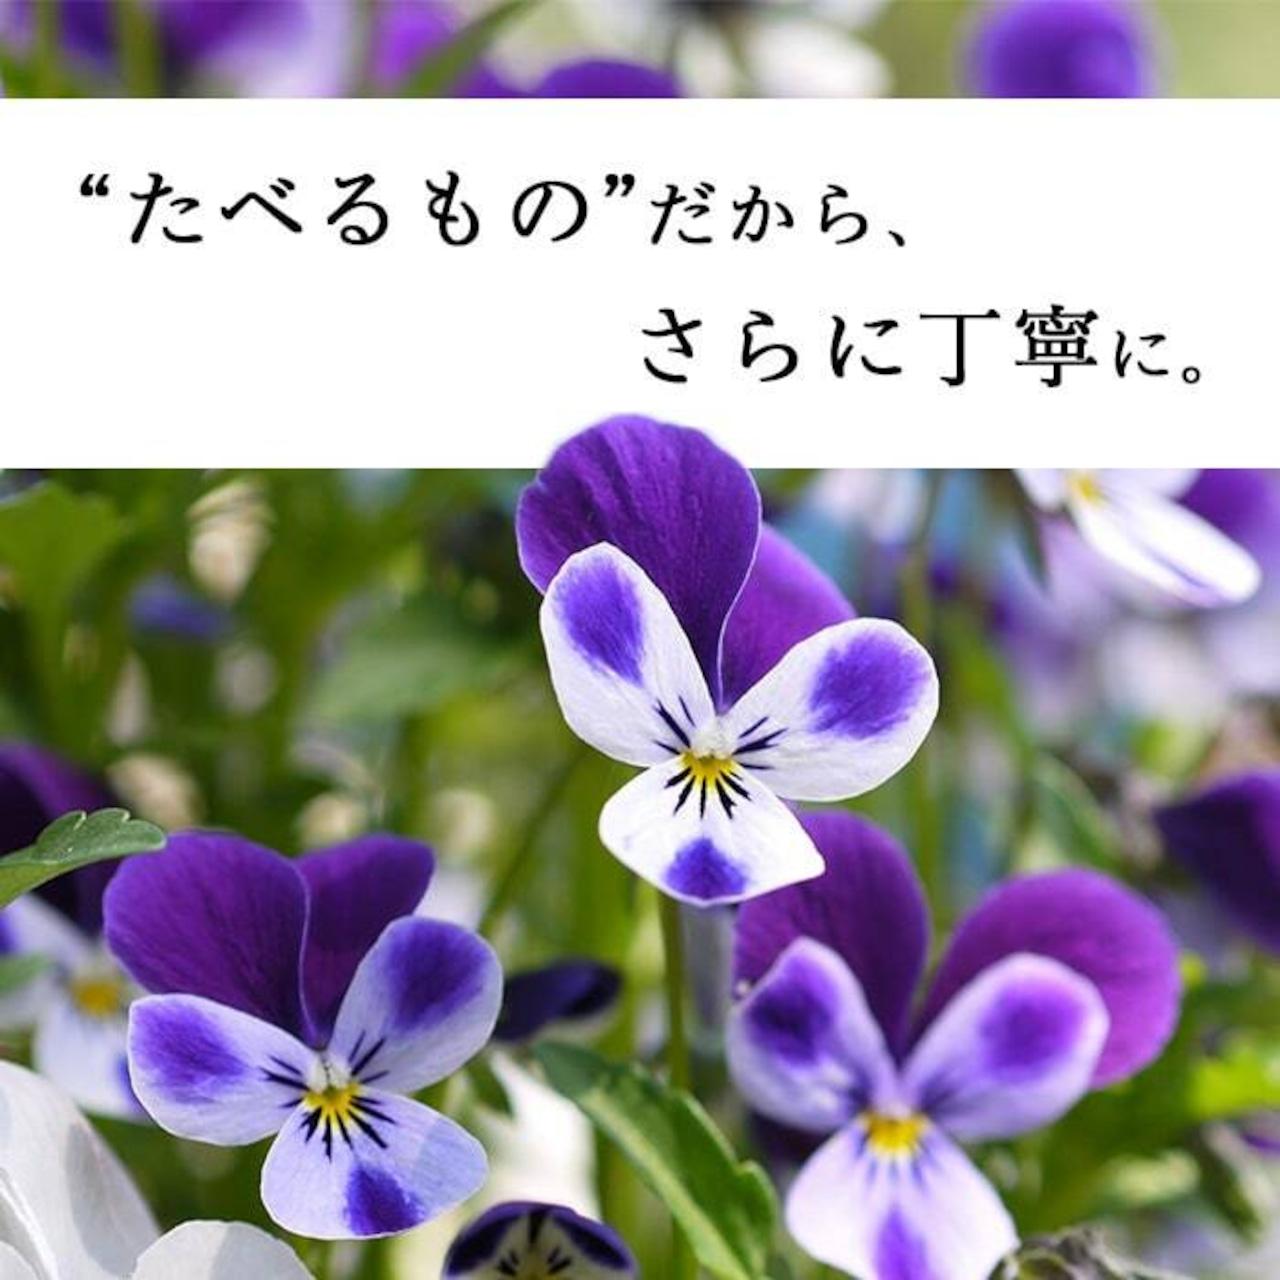 【87farm】食べられる押し花 10枚入(アリッサム ミックス)